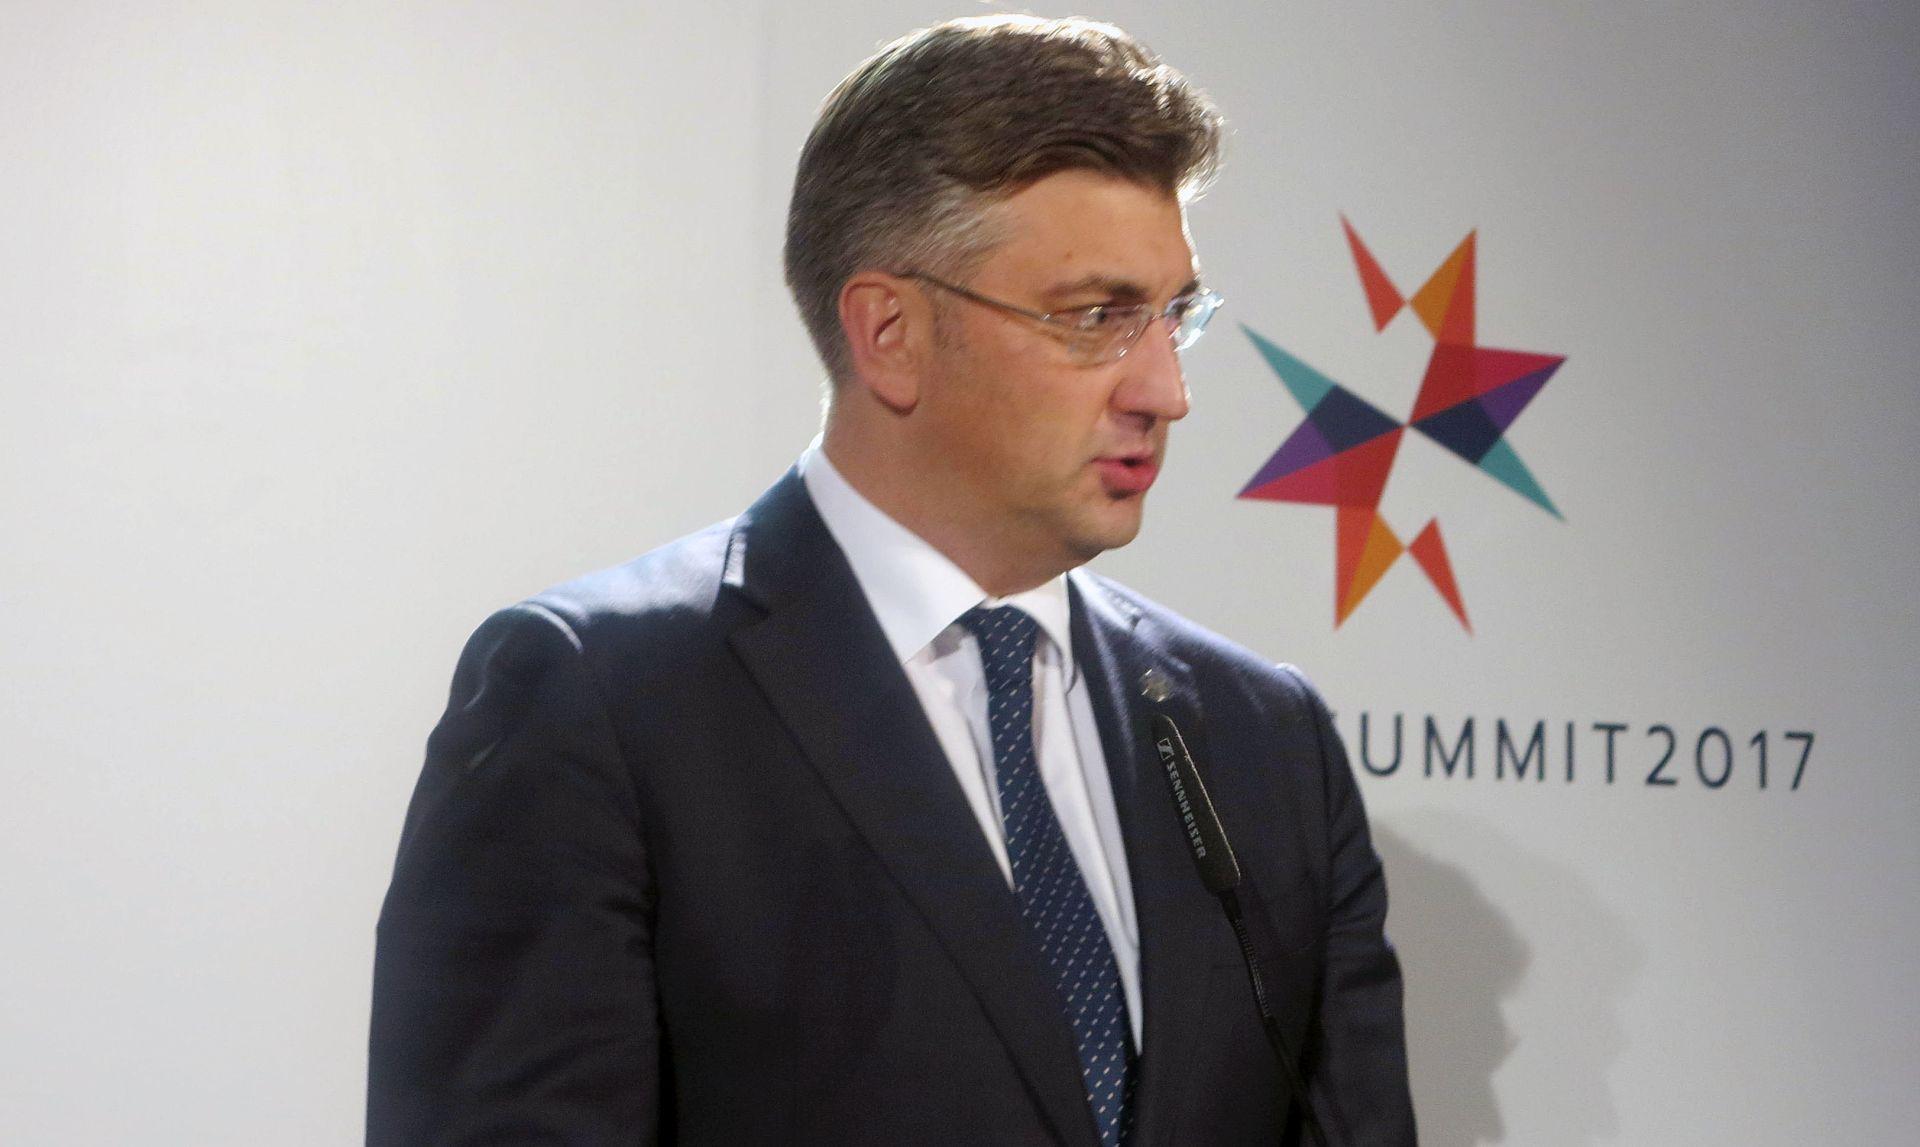 Europski čelnici svjesni potrebe jedinstva za opstanak Unije